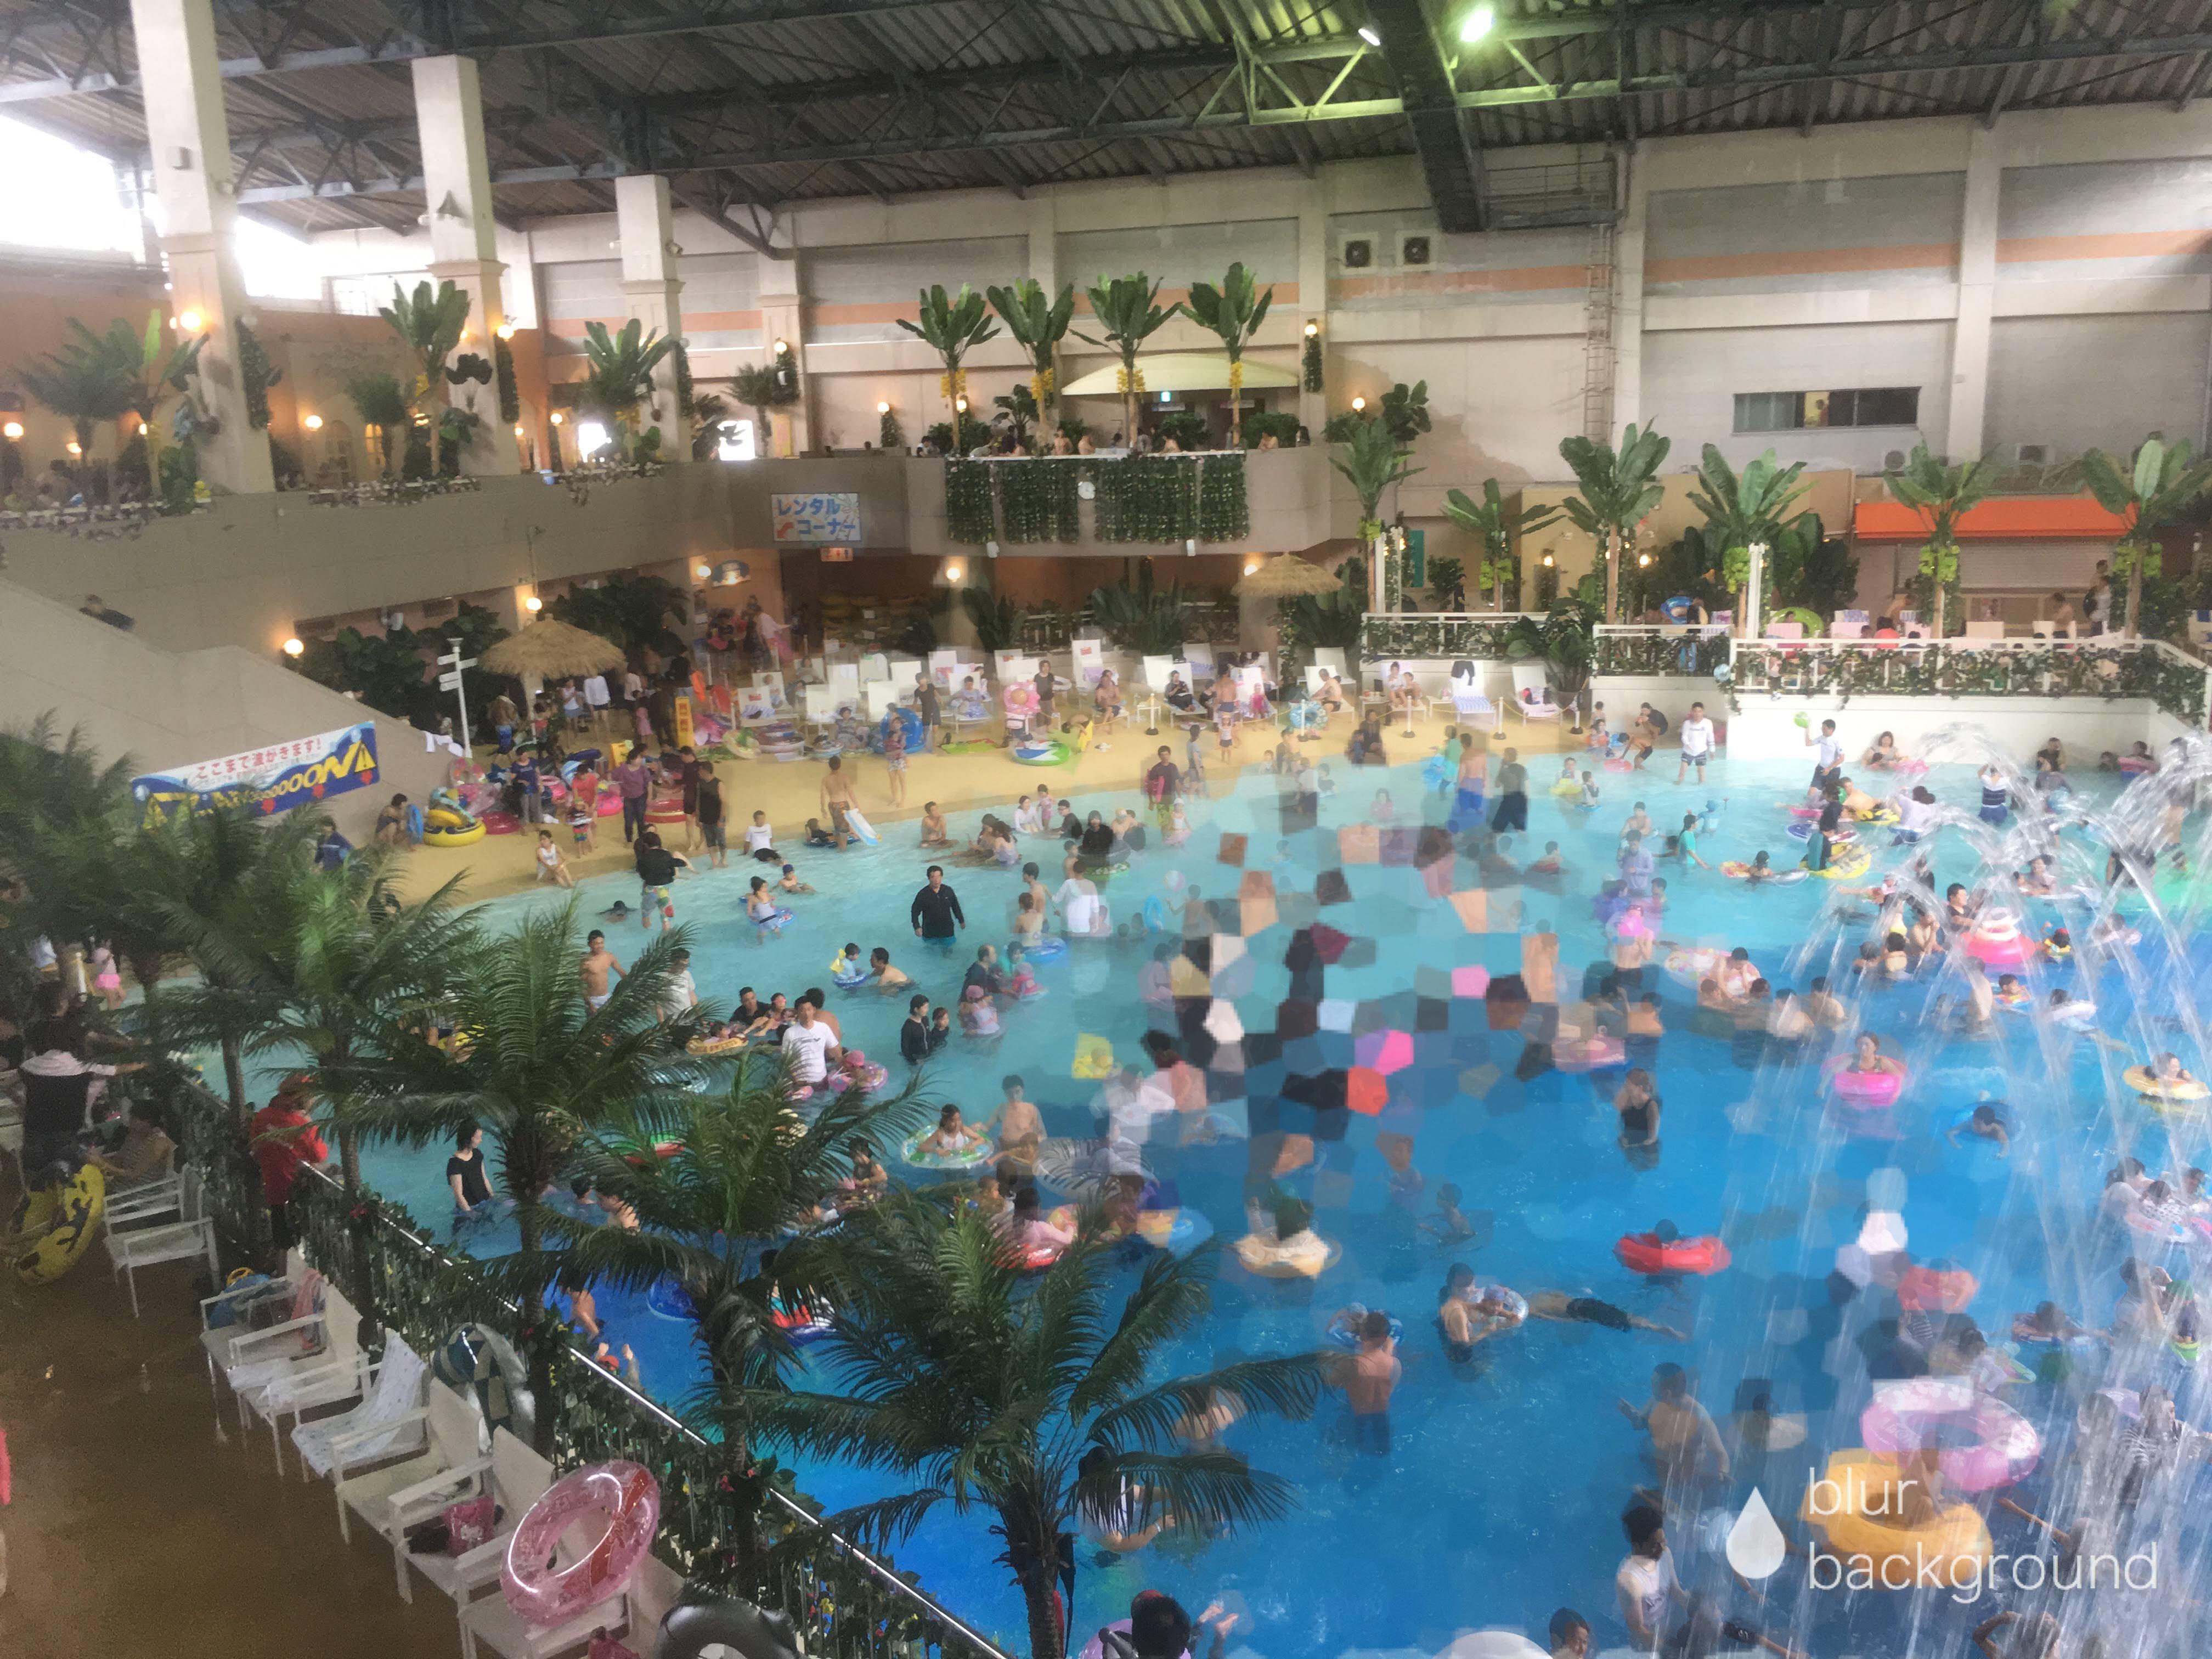 【大分】杉乃井ホテルのプール『アクアビート』『アクアガーデン』がすごい!